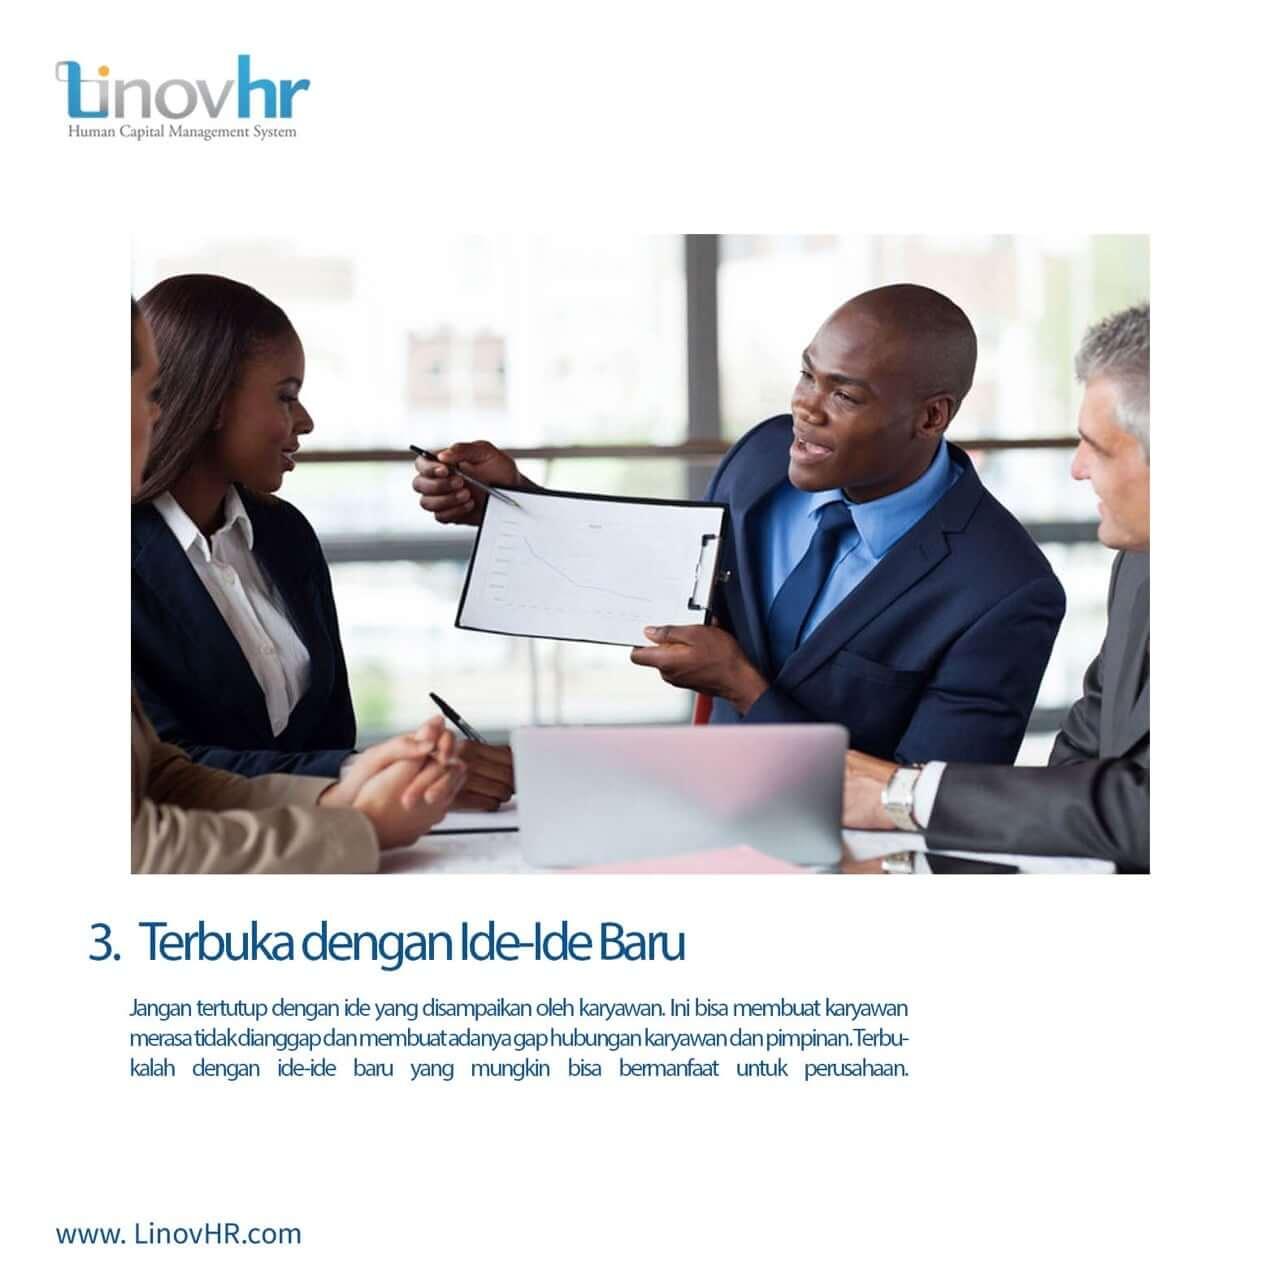 konektifitas karyawan